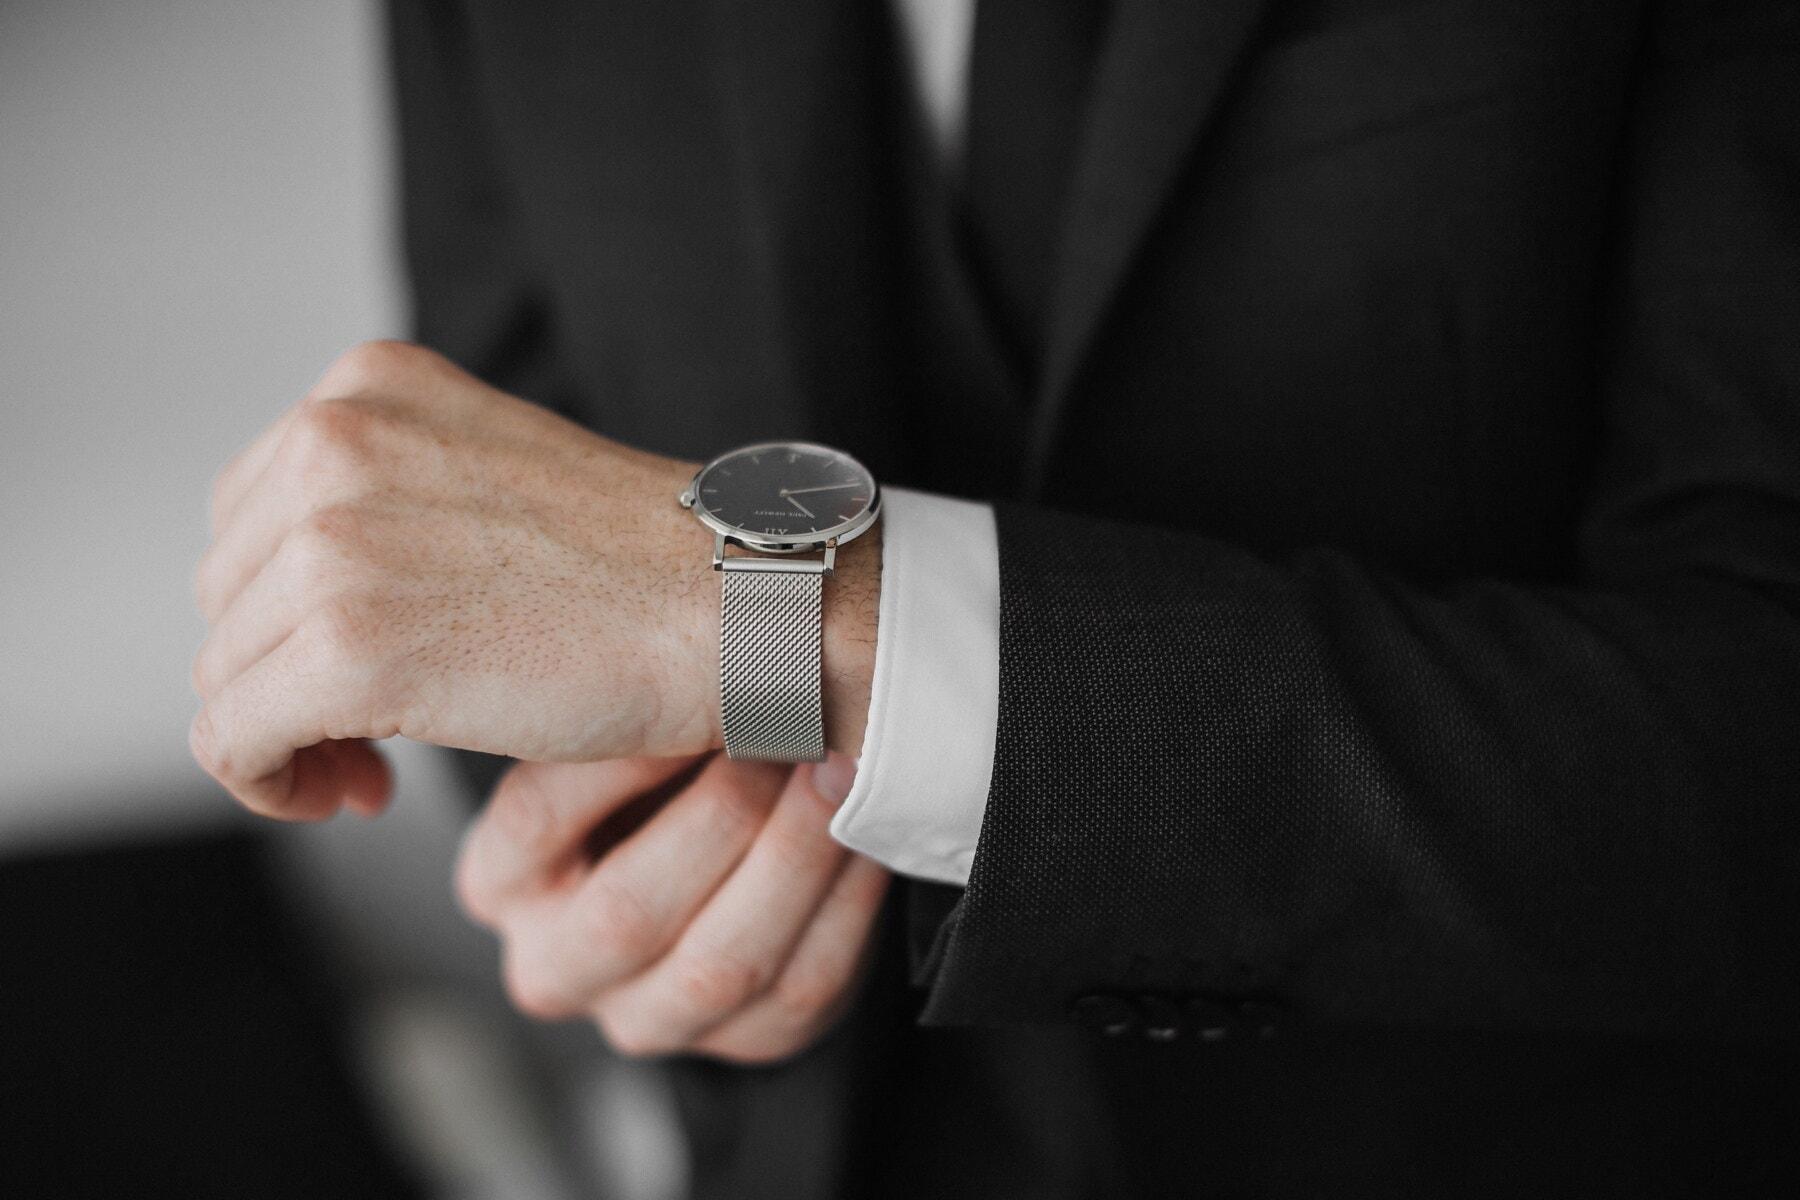 montre à bracelet, Silver, mode de vie, homme d'affaire, Gestionnaire, main, homme, gens, entreprise, à l'intérieur